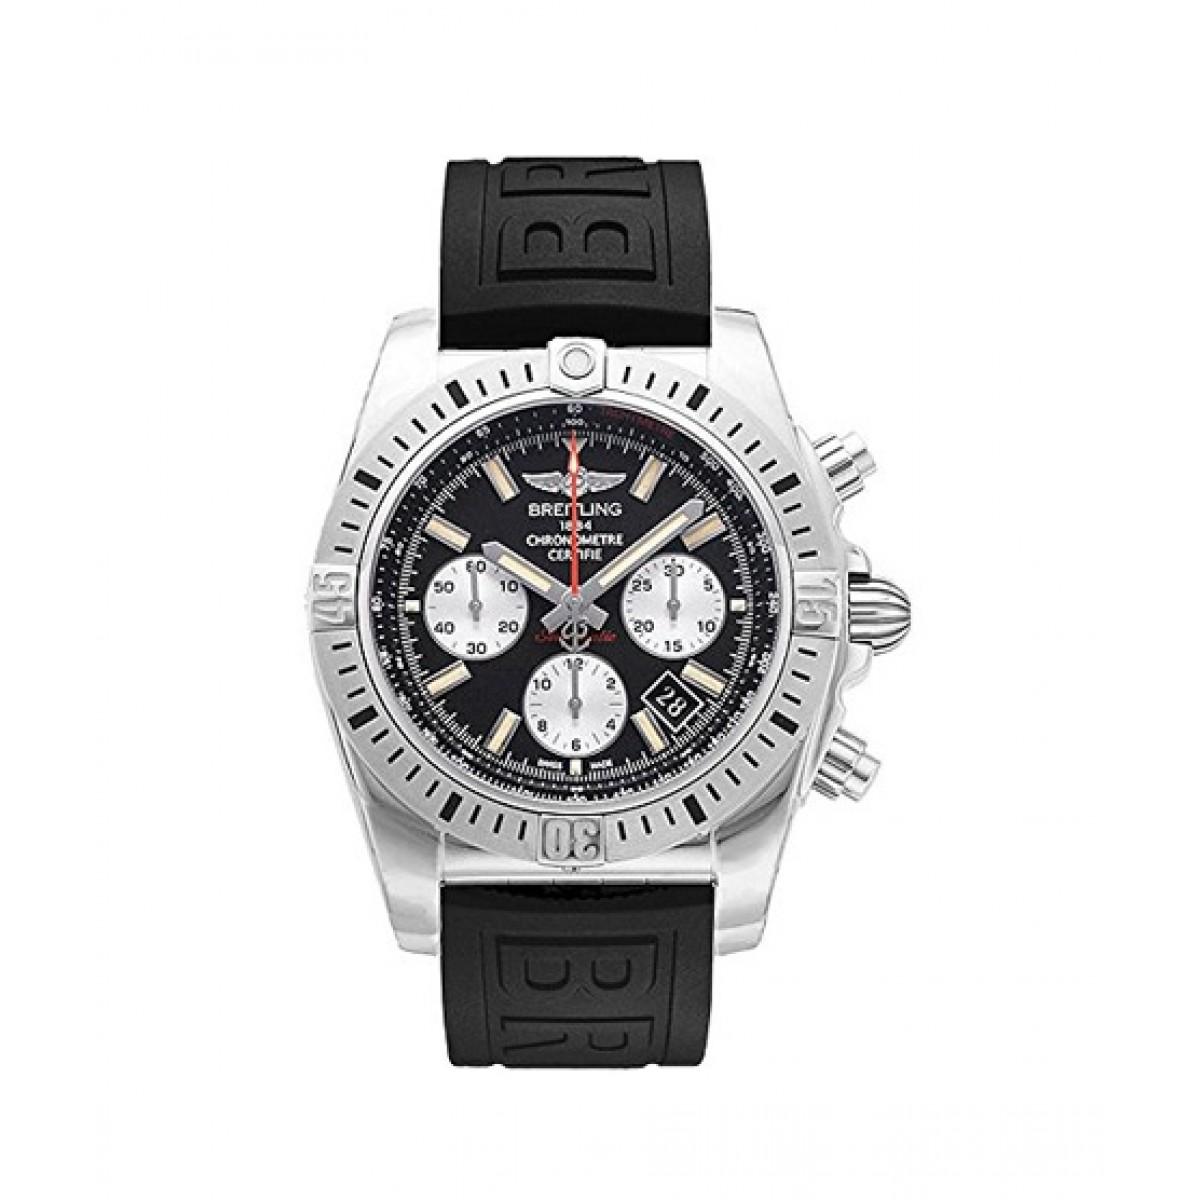 Breitling Chronomat Men's Watch Black (AB01154G/BD13-152S)